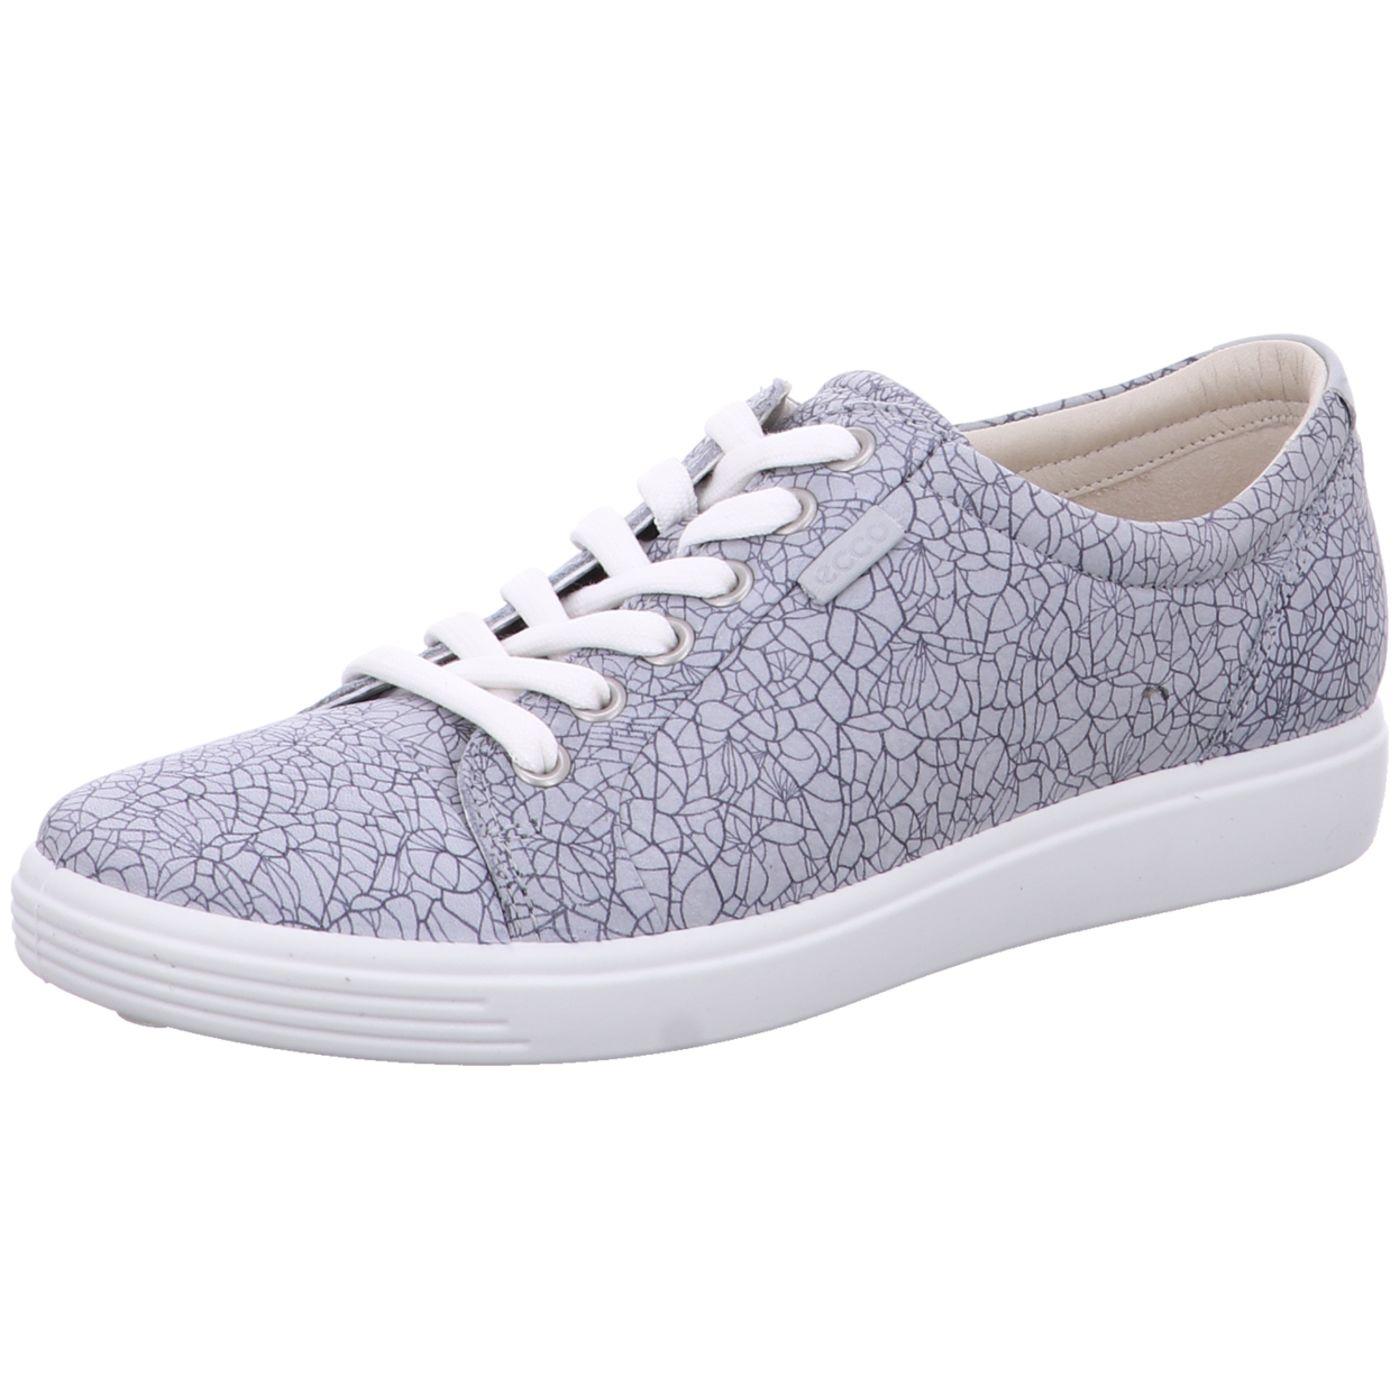 b284c70bf36da1 Bequeme Schuhe online im SALE kaufen